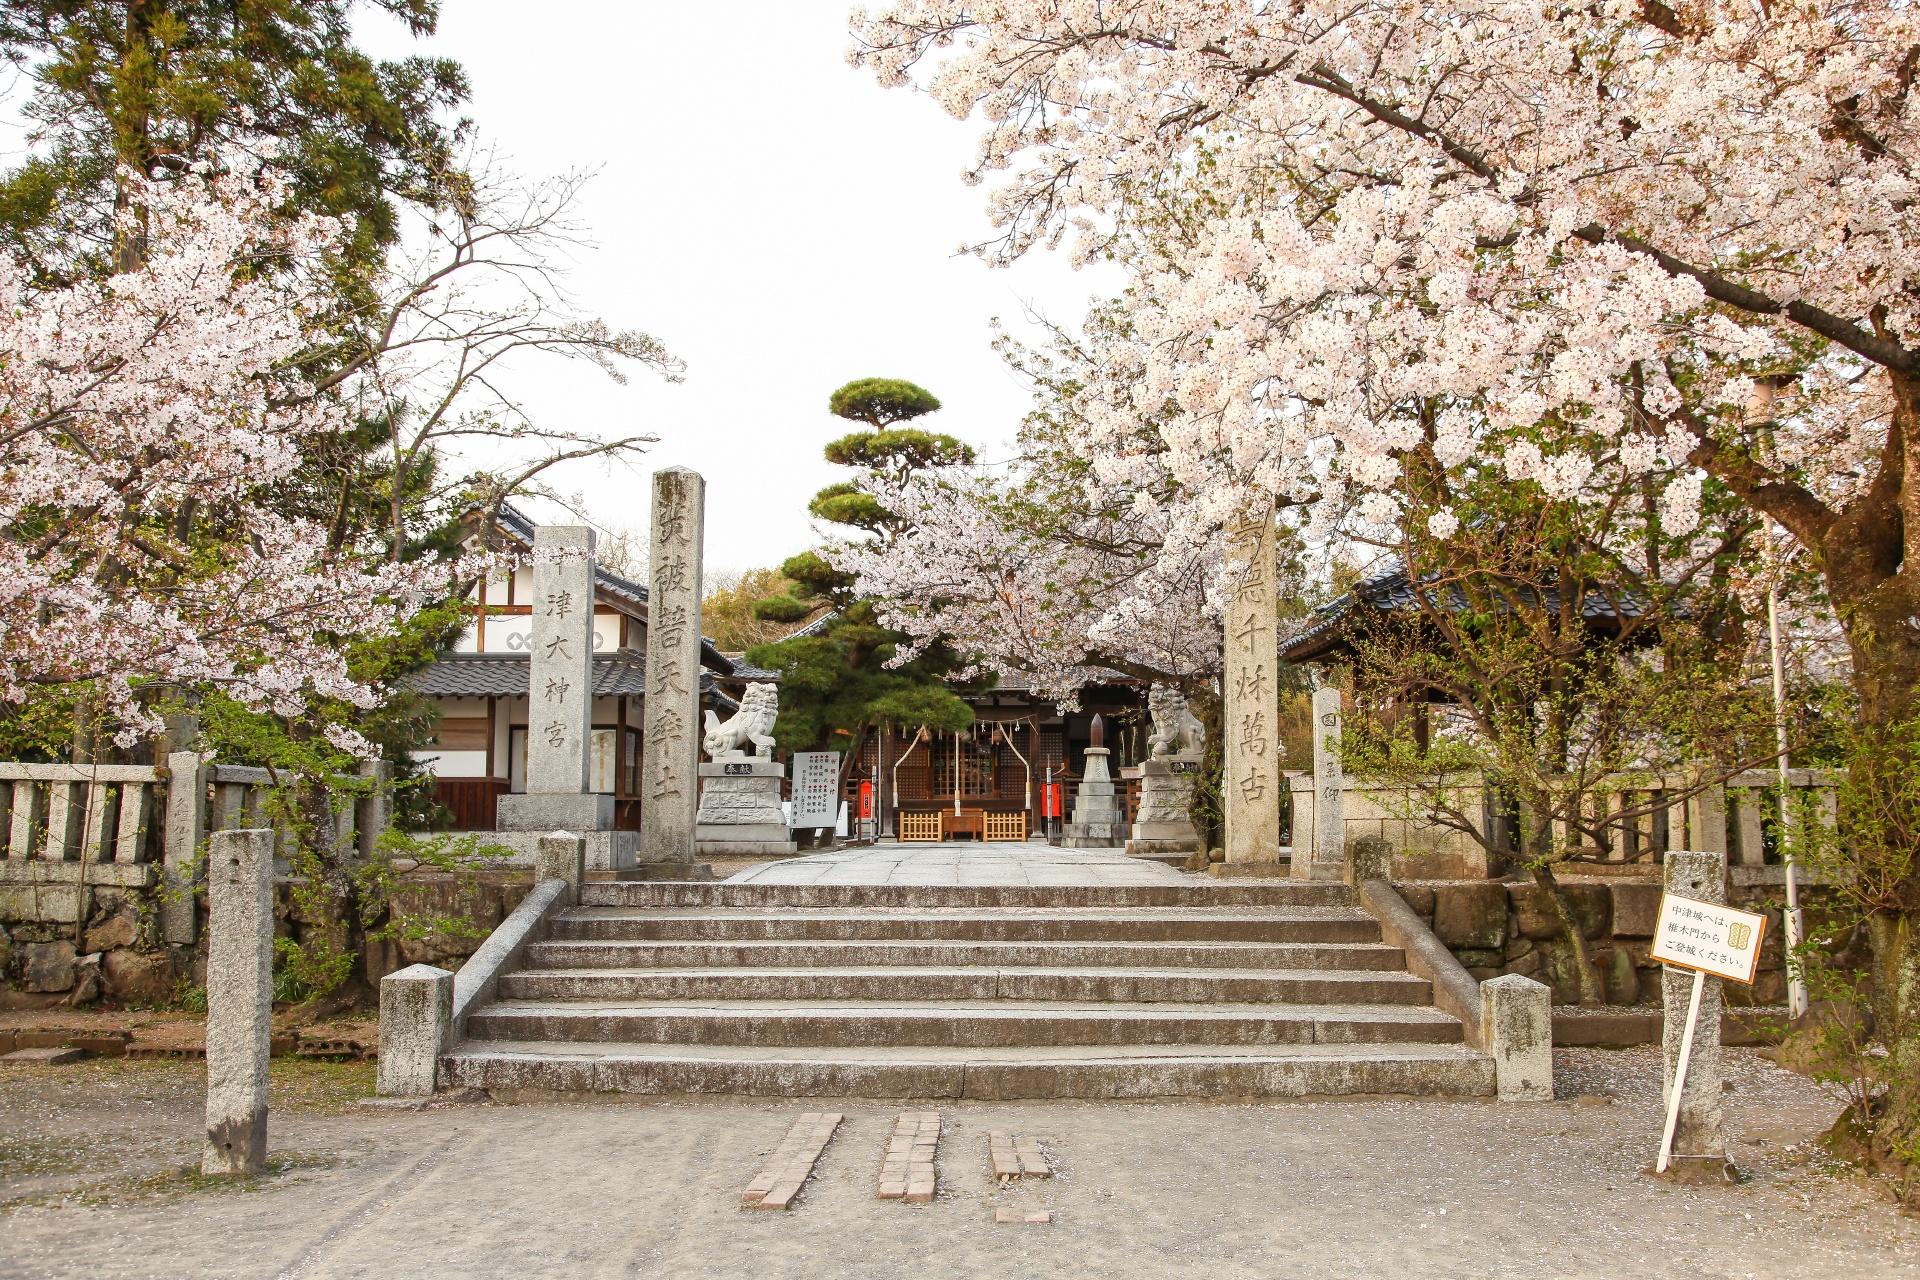 中津大神宮と桜の風景 大分の風景